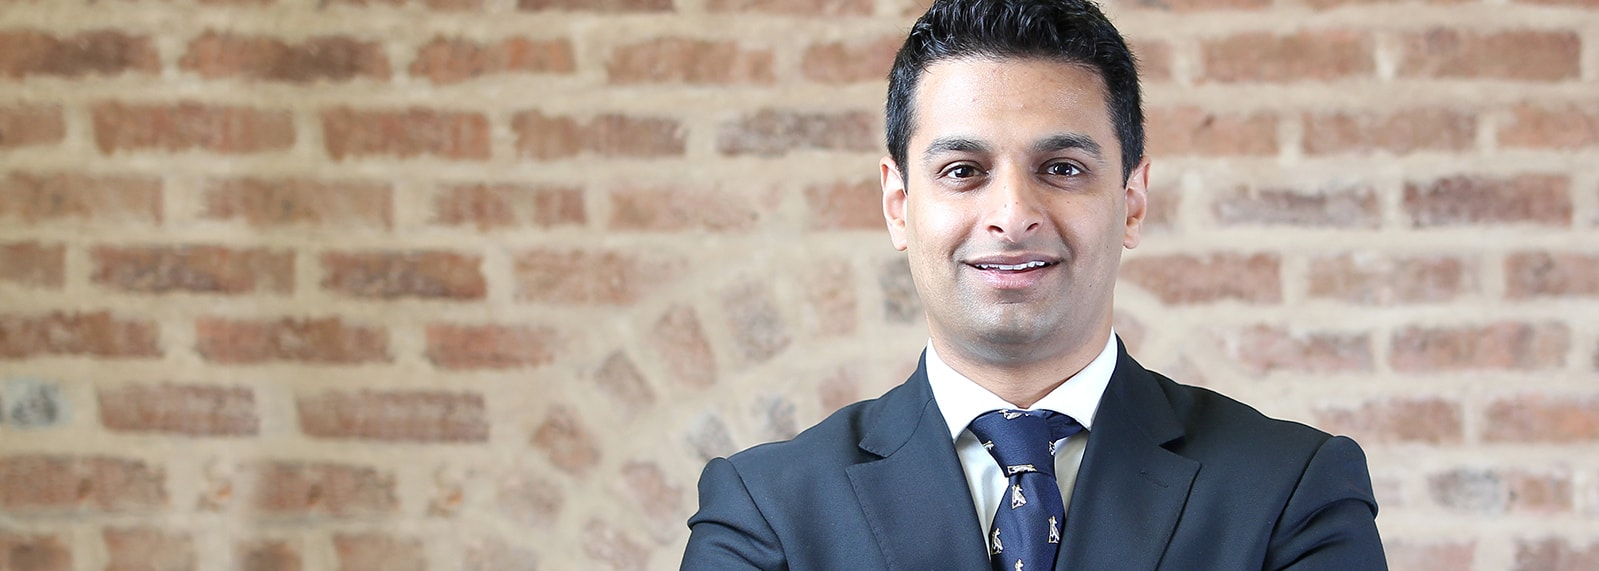 Dr-Parjit-Dhillon